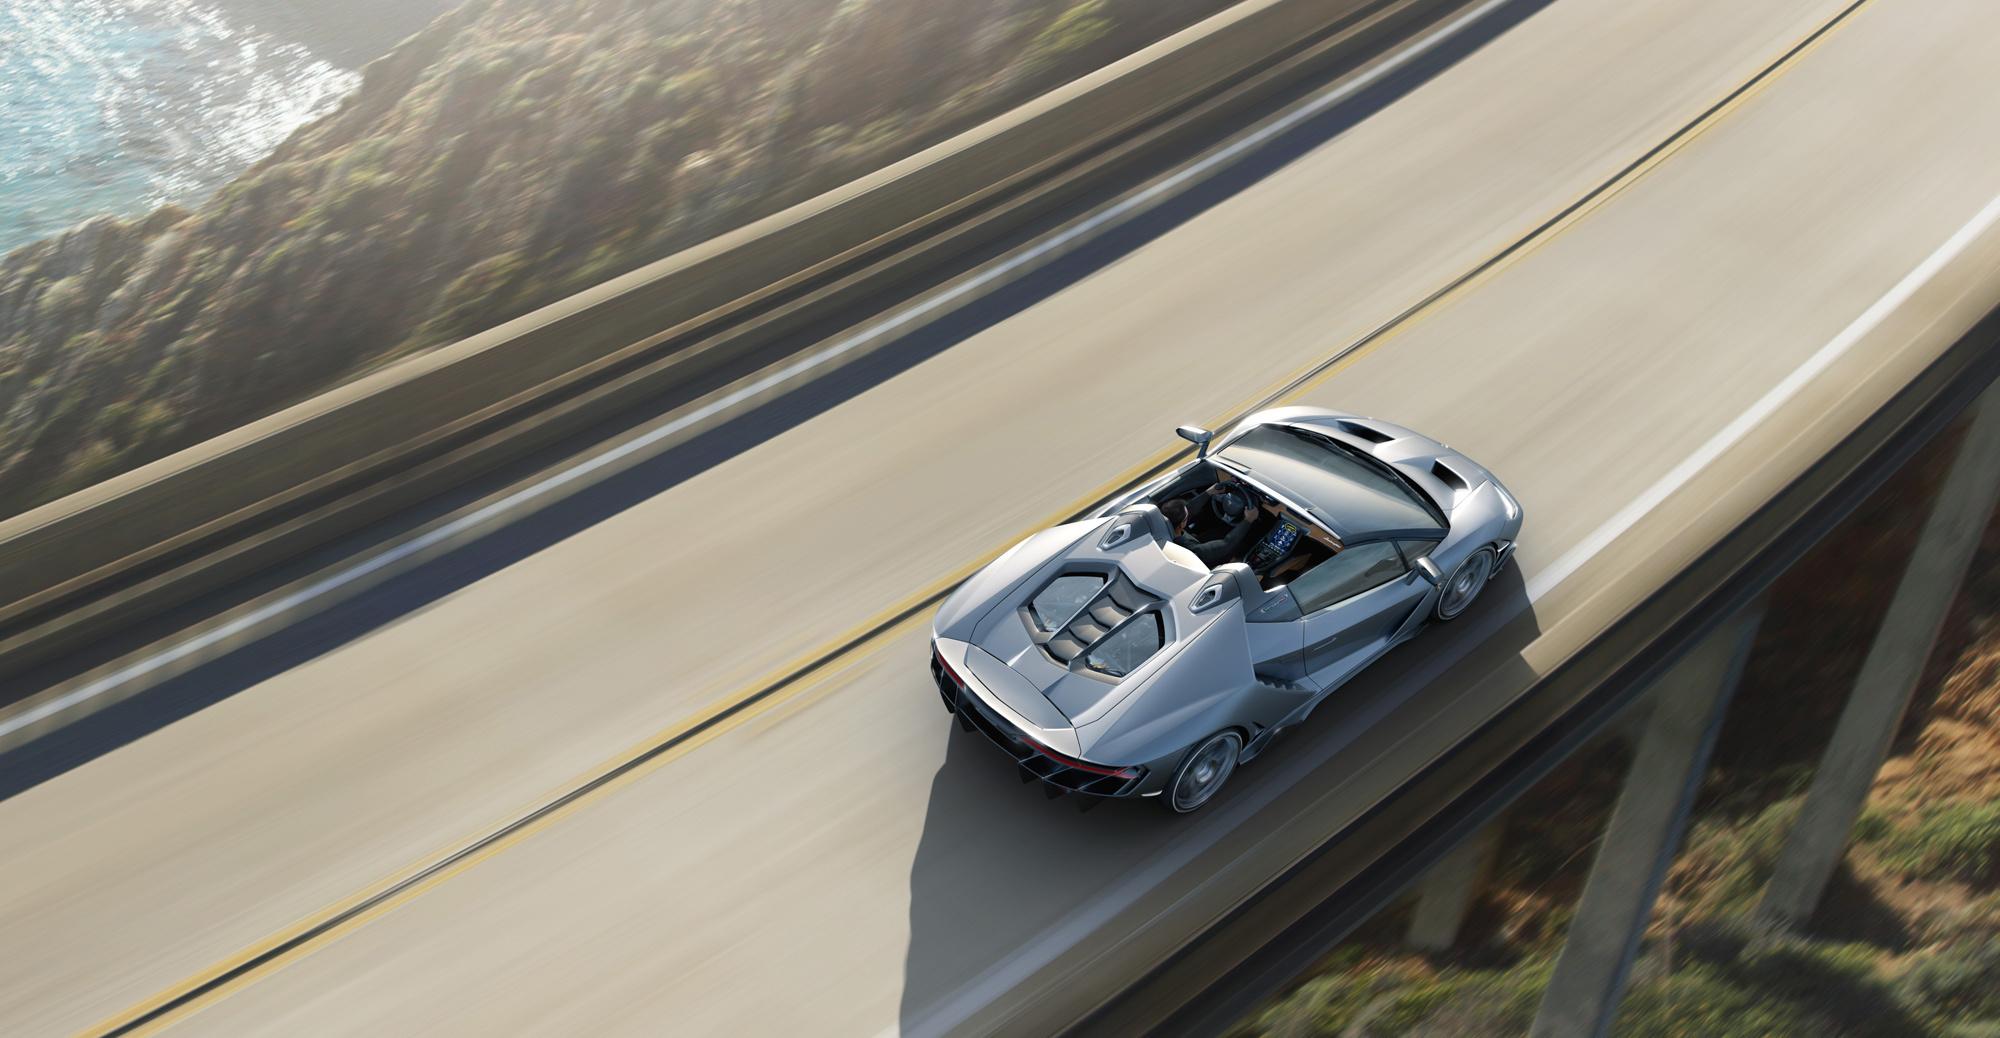 Lamborghini Centenario Roadster Photos